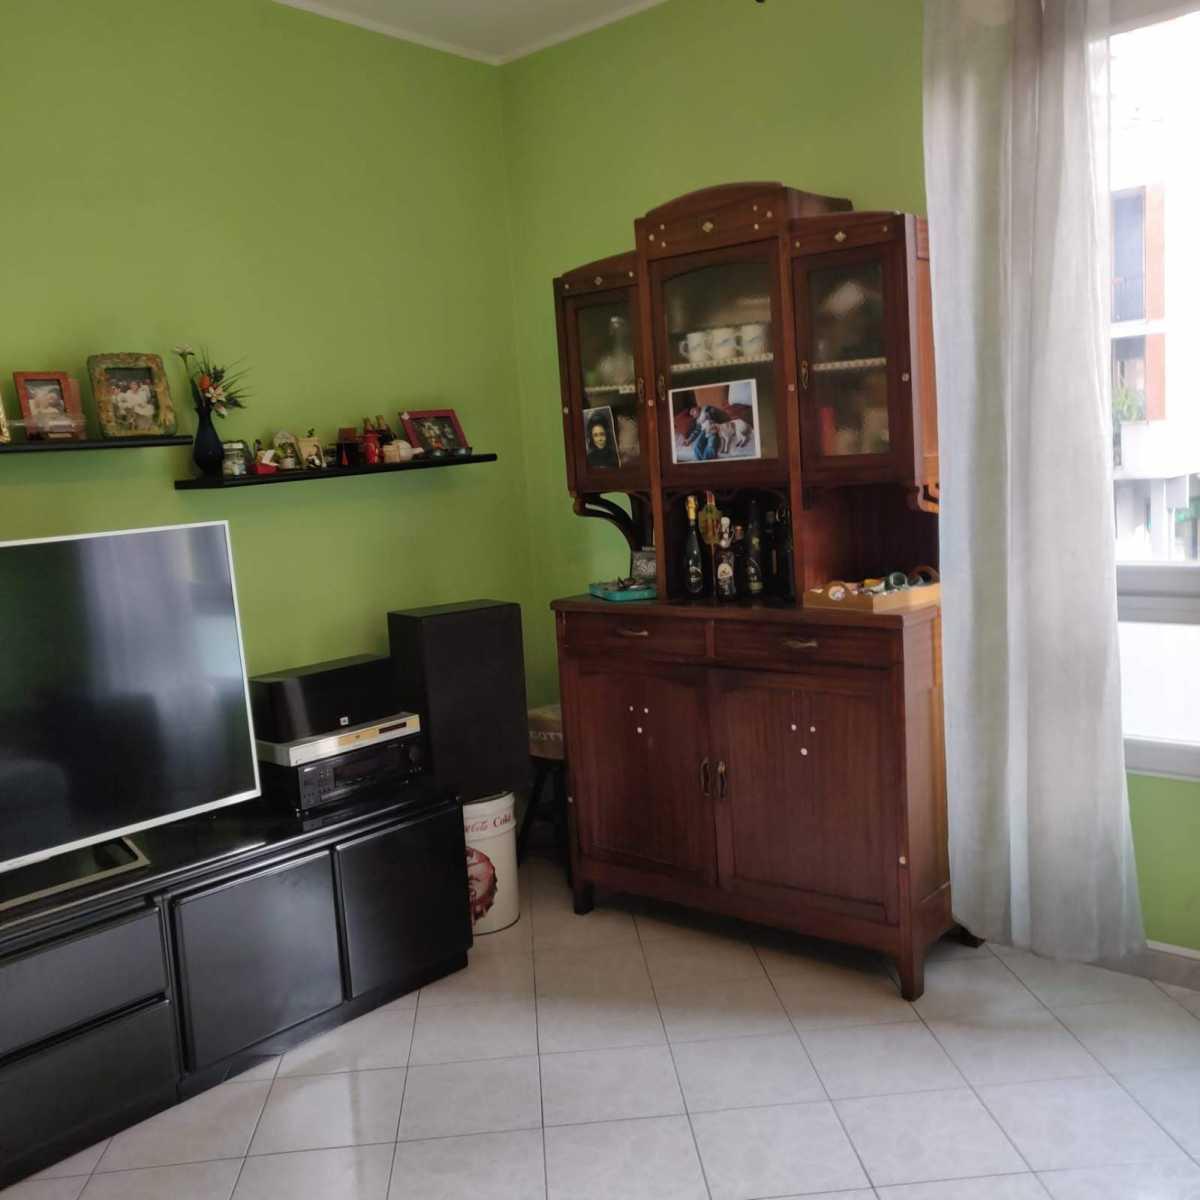 appartamento-in-vendita-milano-quartiere-olmi-milano-baggio-spaziourbano-immobiliare-vende-19